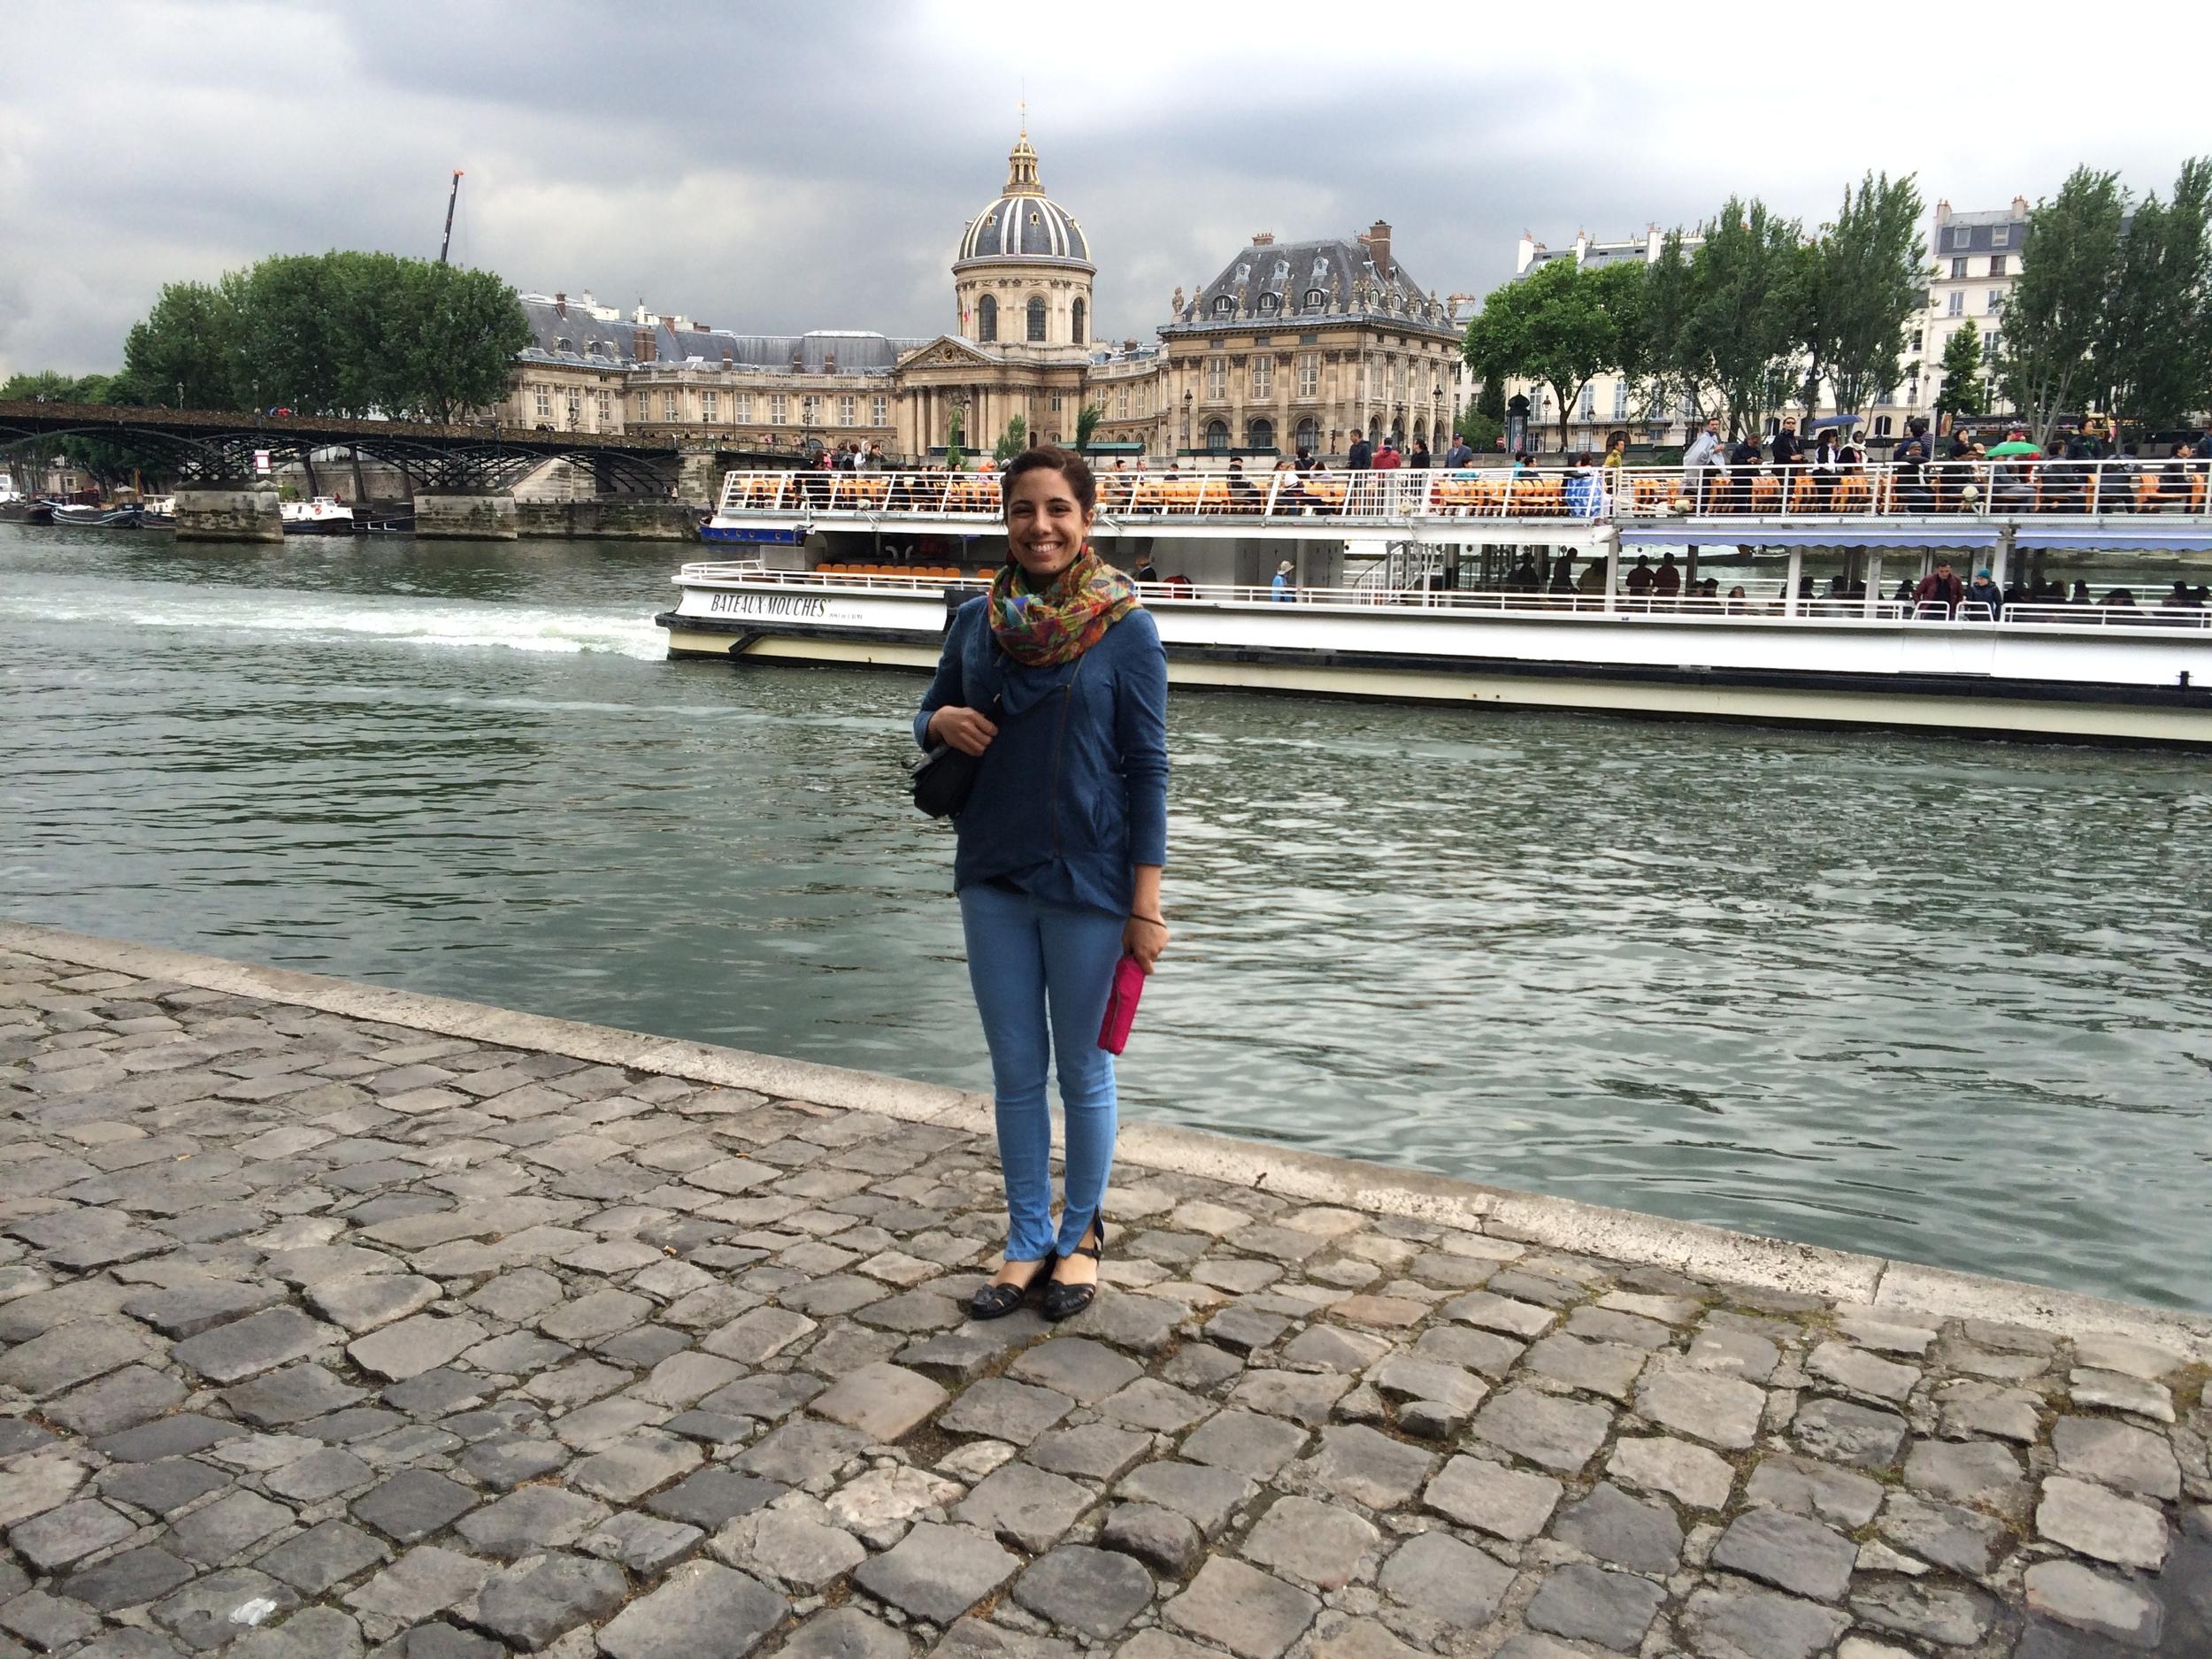 Having an Audrey Hepburn moment along the River Seine!